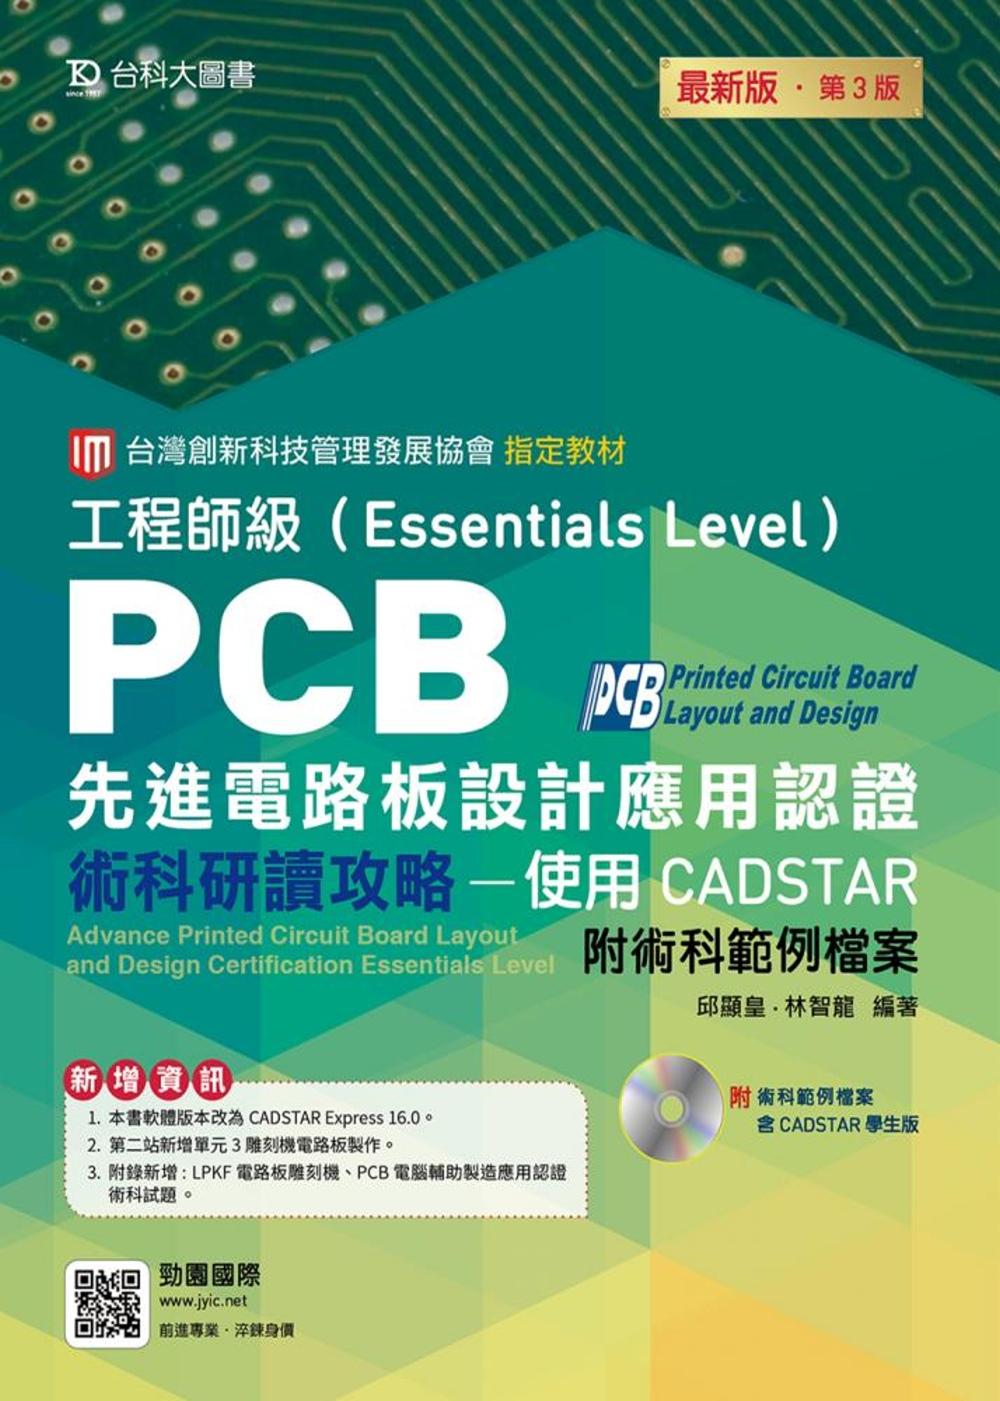 PCB先進電路板...